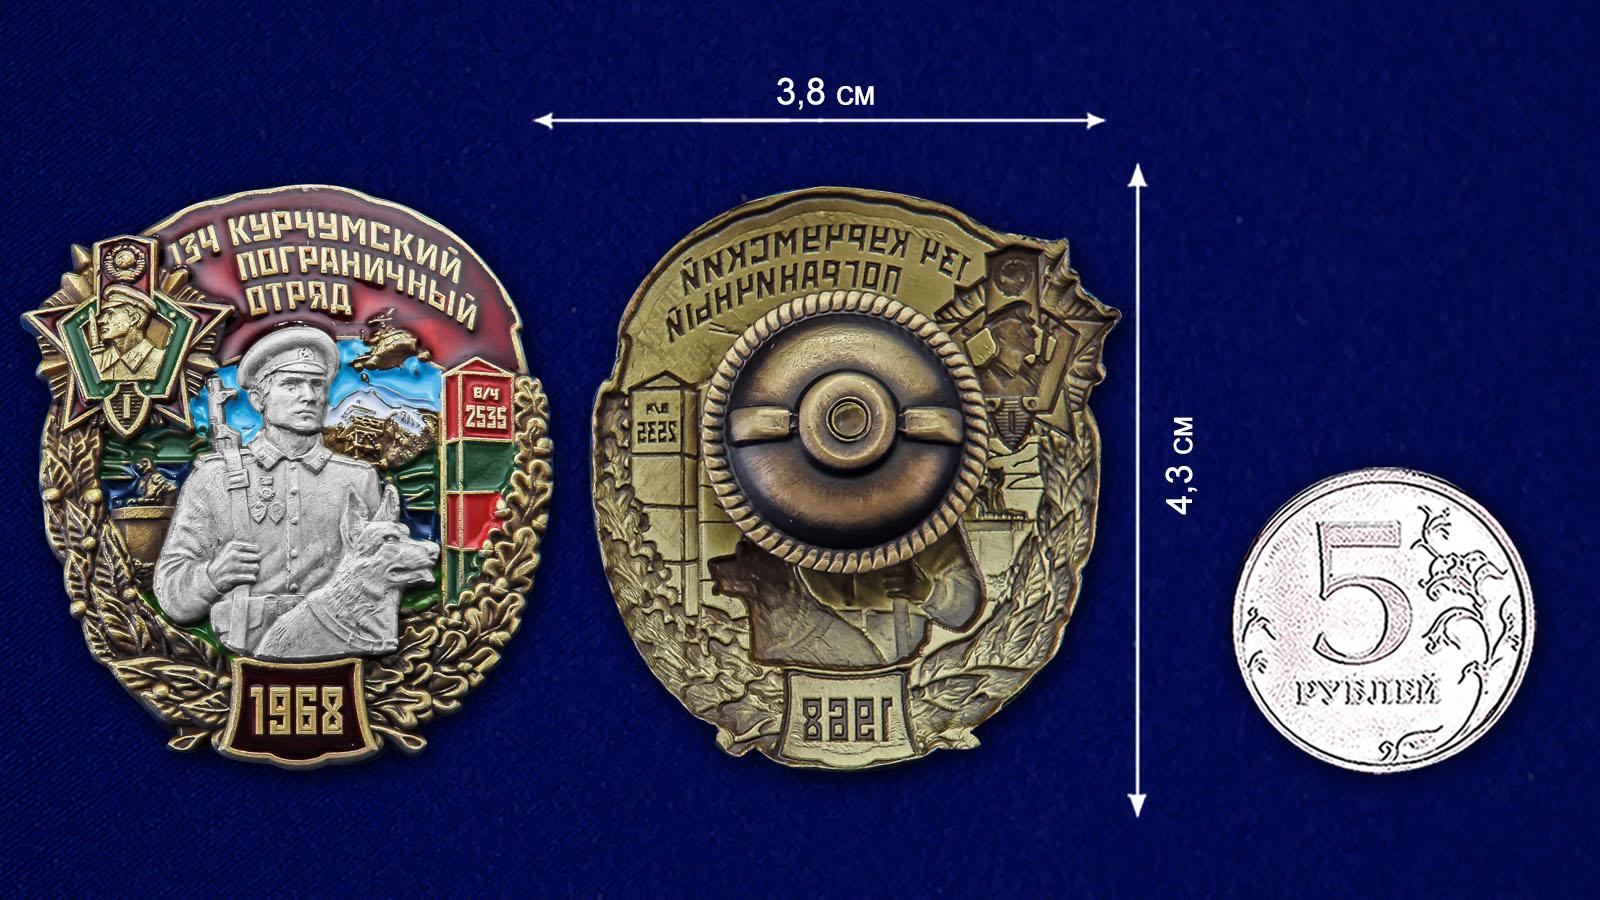 Памятный знак 134 Курчумский пограничный отряд - сравнительный вид